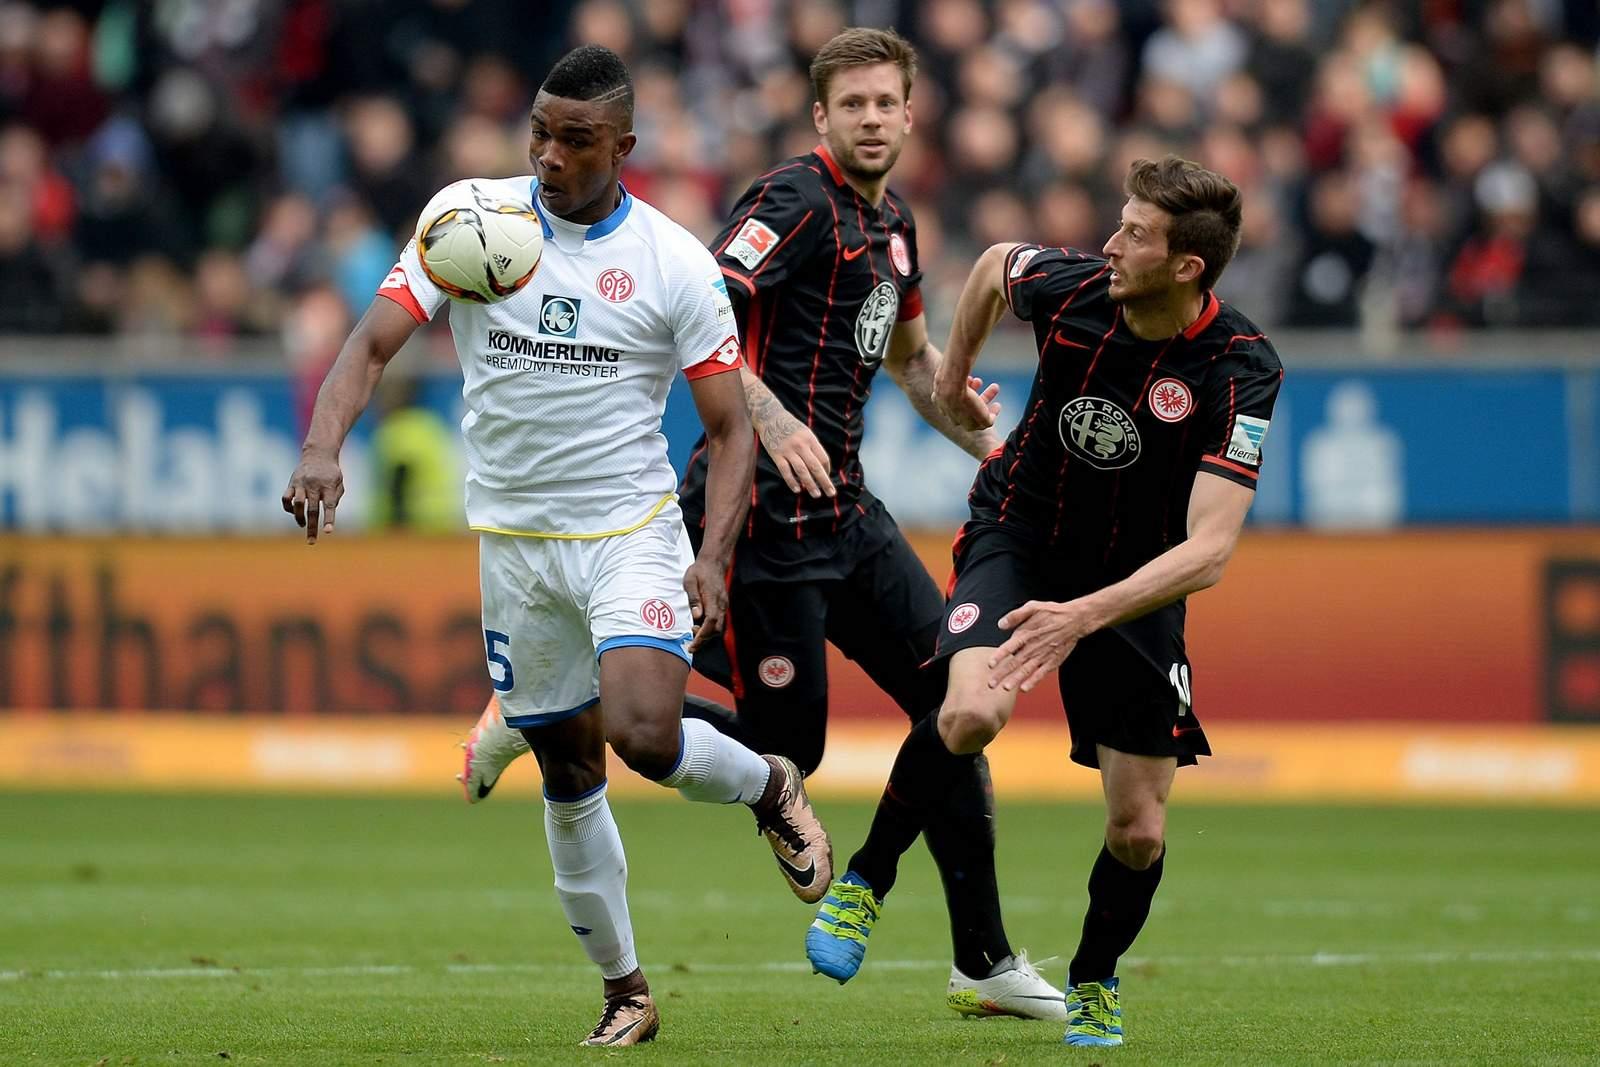 Setzt sich Cordoba gegen Abraham durch? Jetzt auf Eintracht Frankfurt gegen Mainz wetten